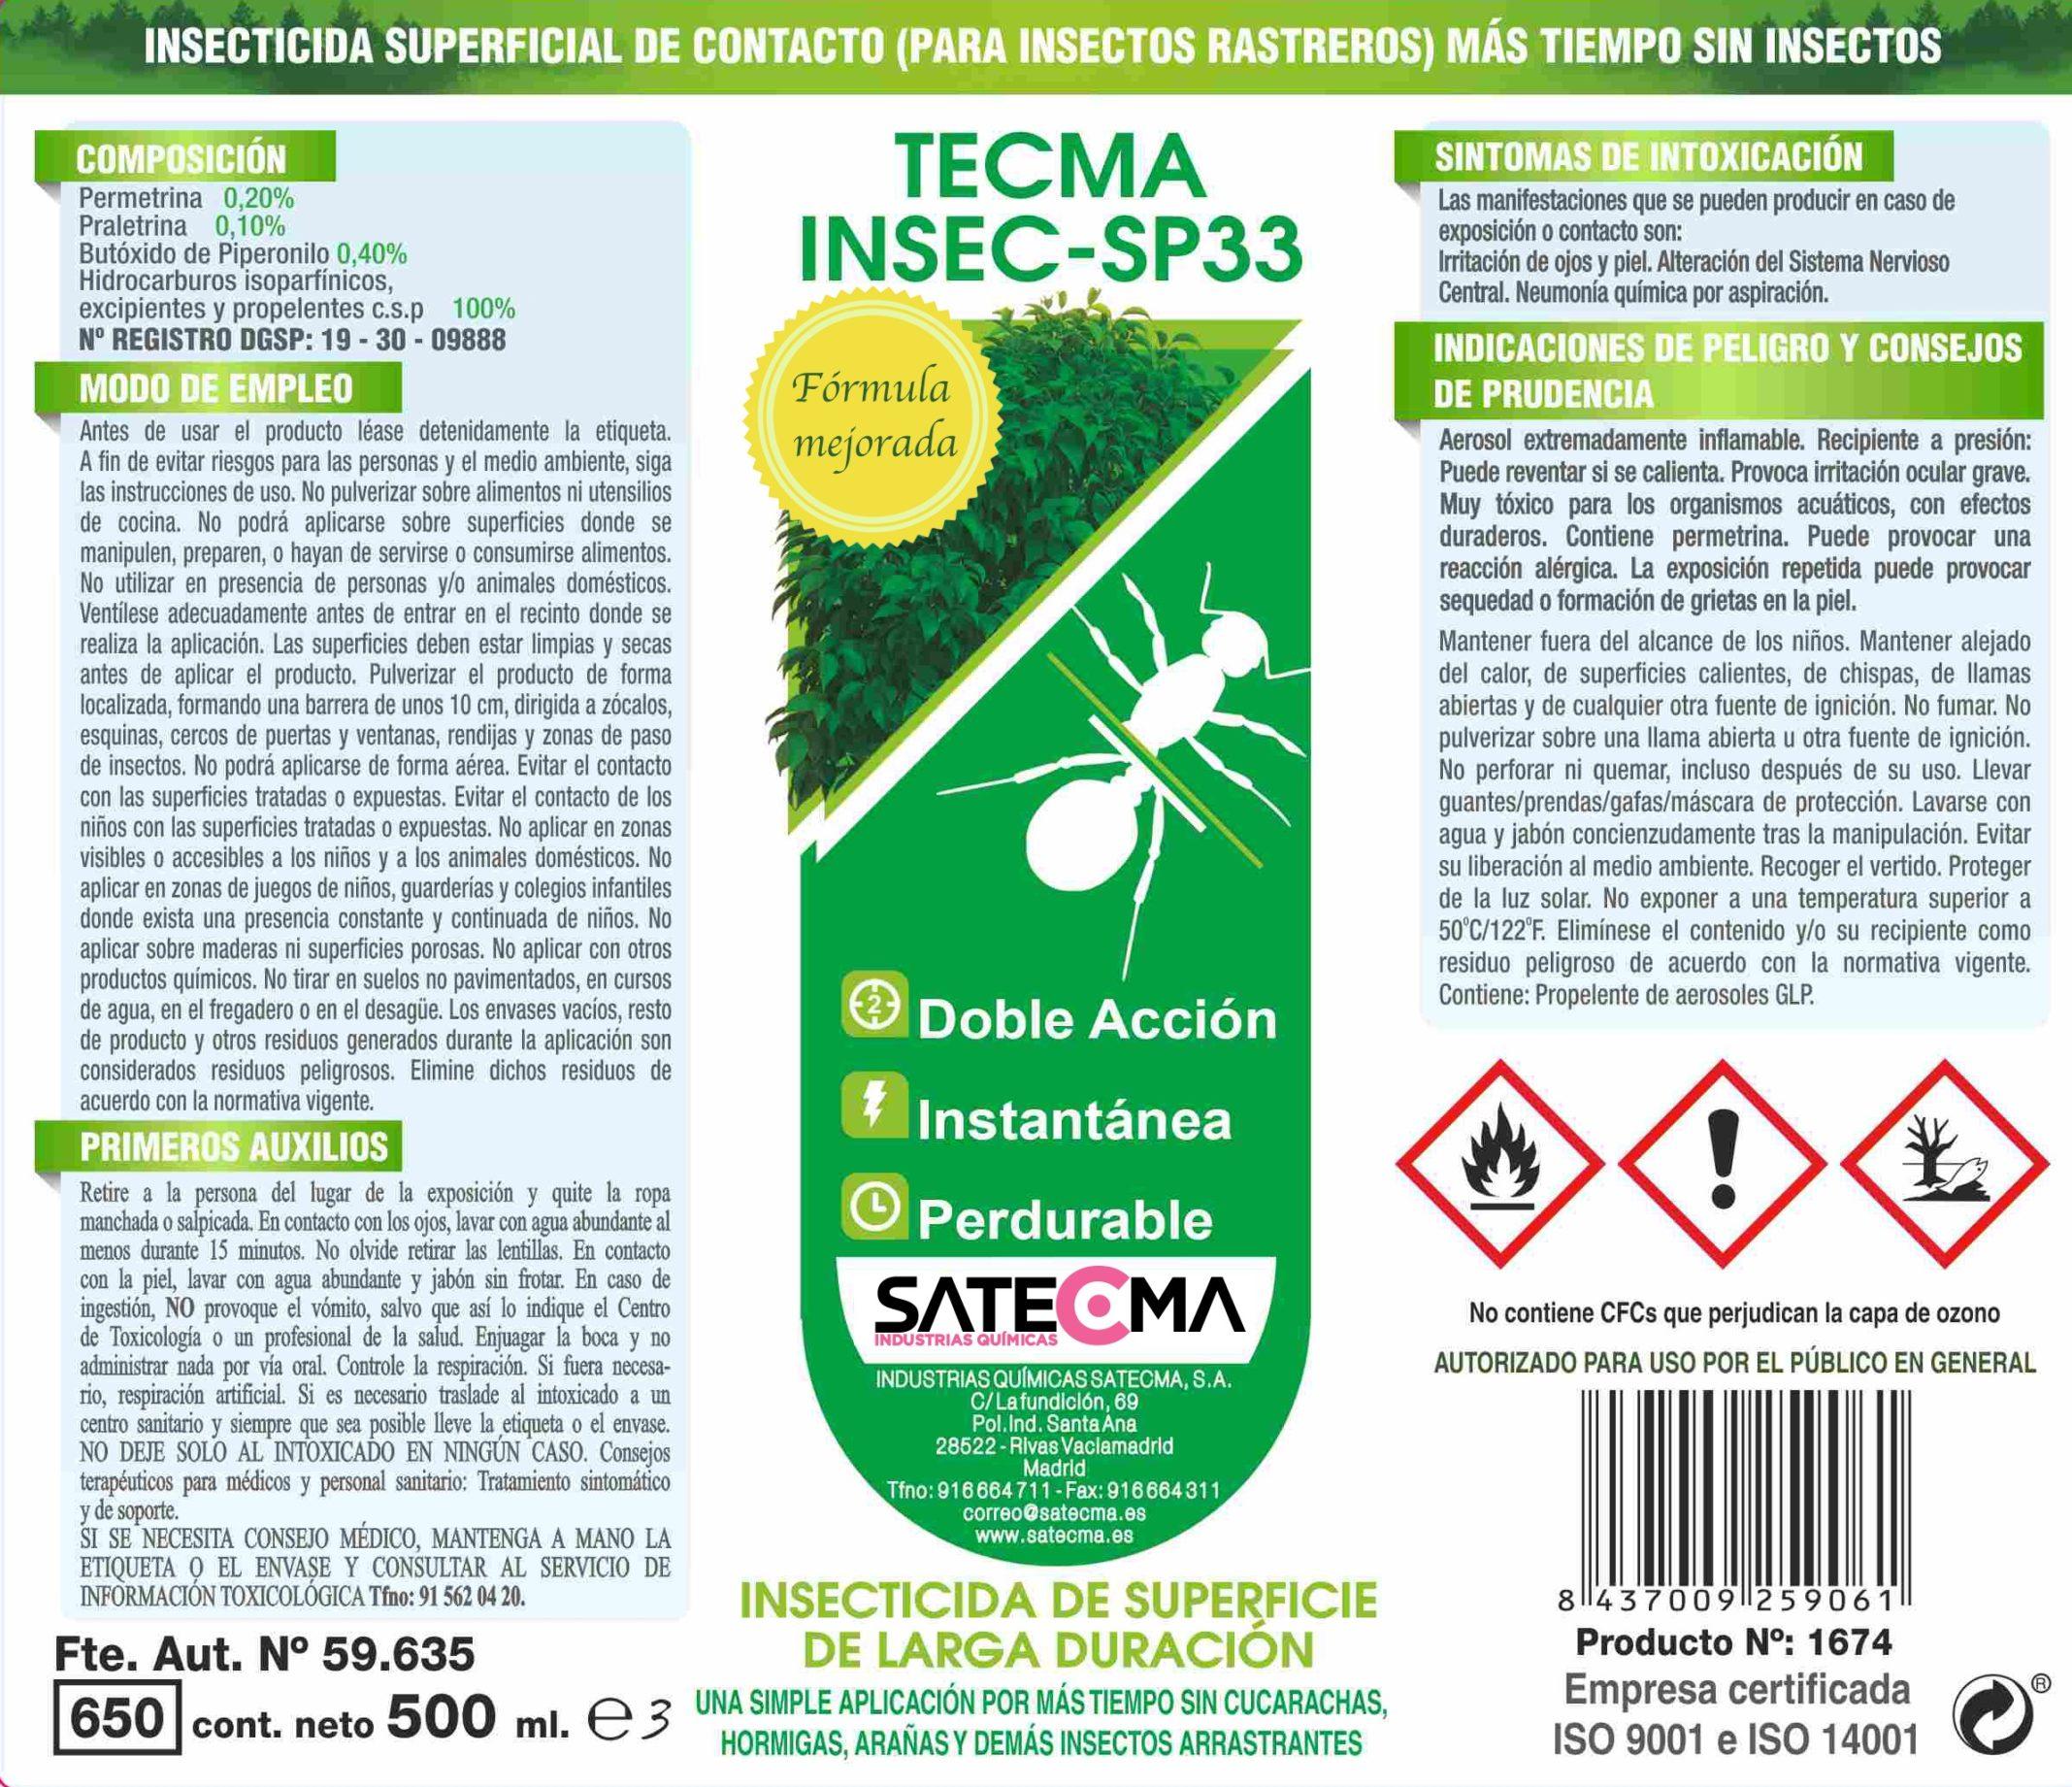 etiqueta tecma insec sp33